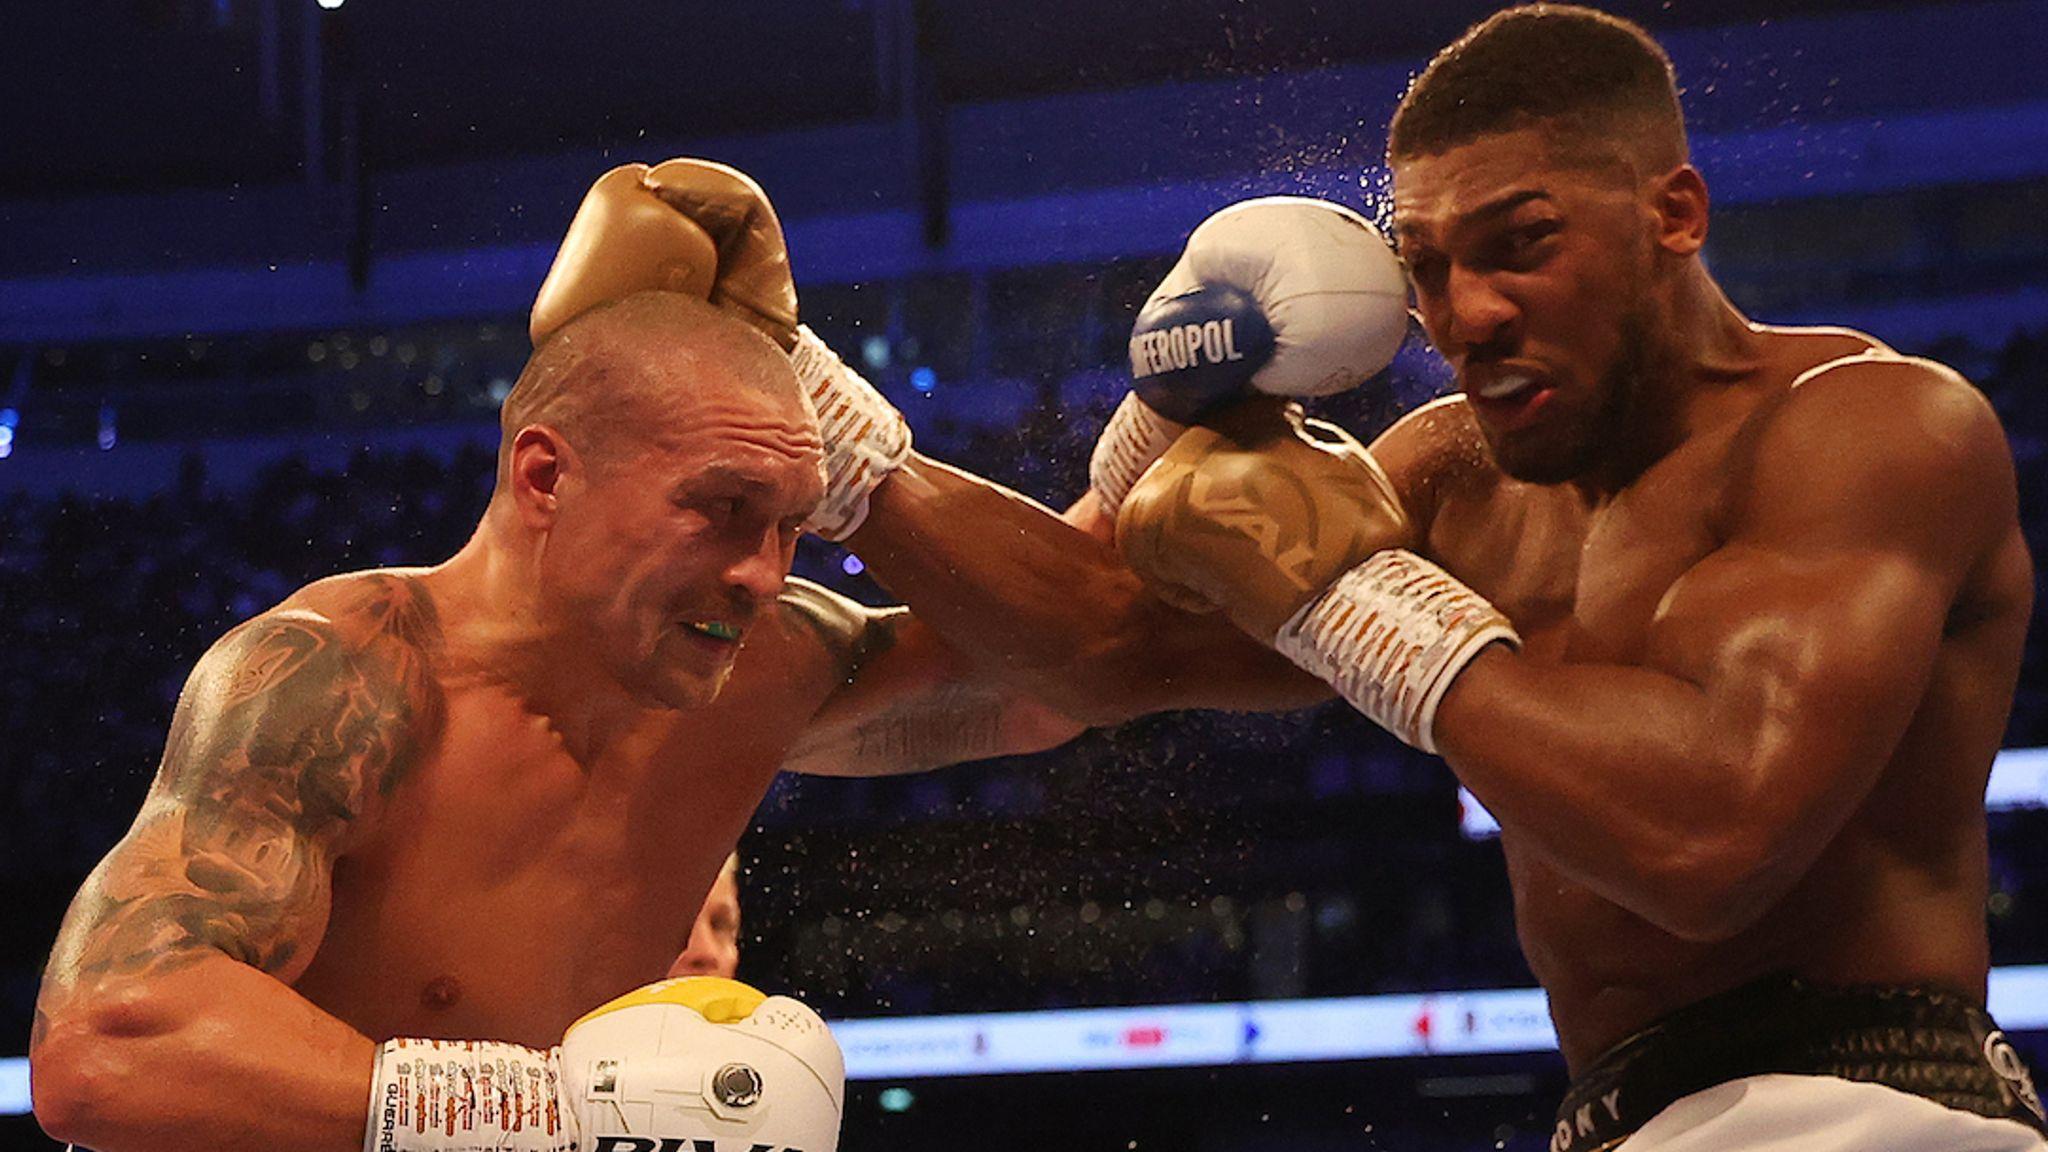 Joshua lĩnh một đòn của Usyk vào mắt phải trong trận quyền anh trên sân Tottenham Hotspurs, London hôm 25/9. Ảnh: Sky Sports